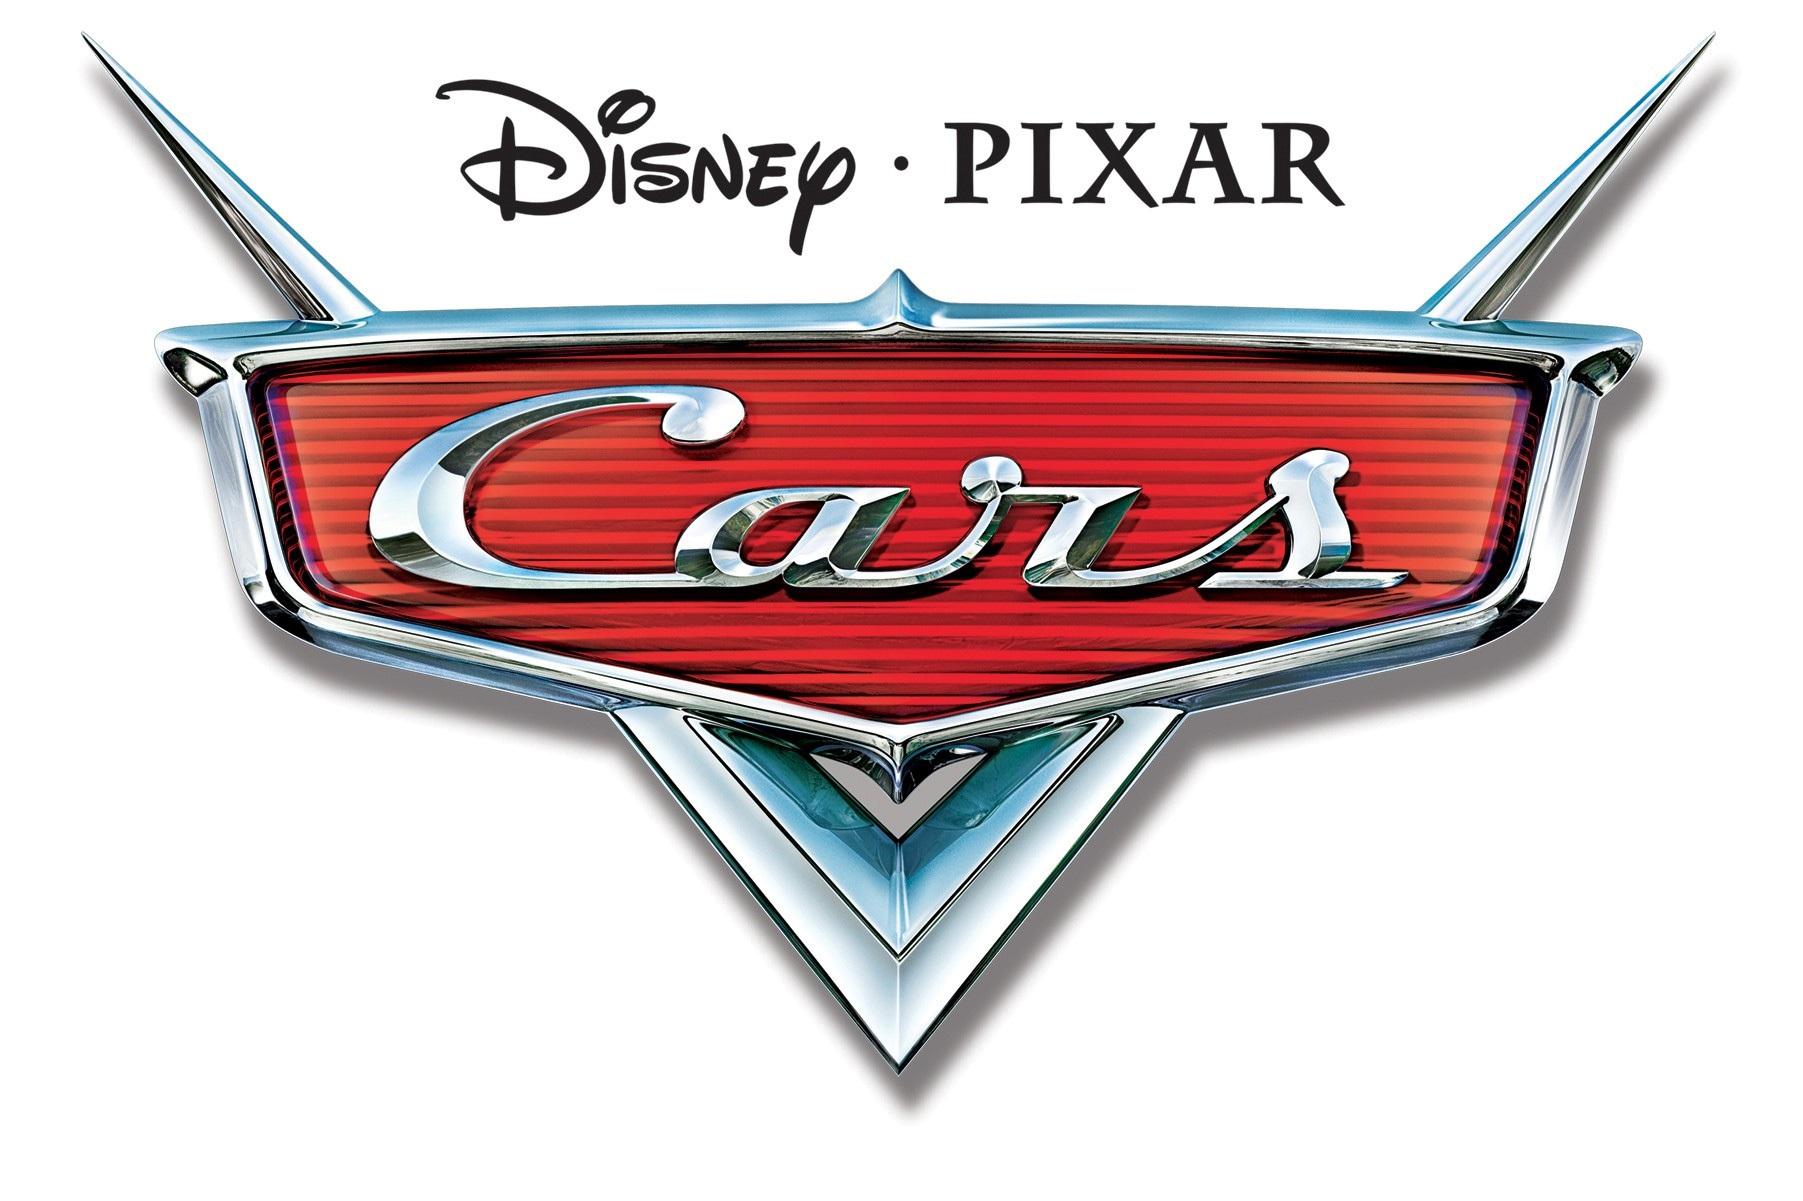 Disney+Pixar+Cars+logo.jpg